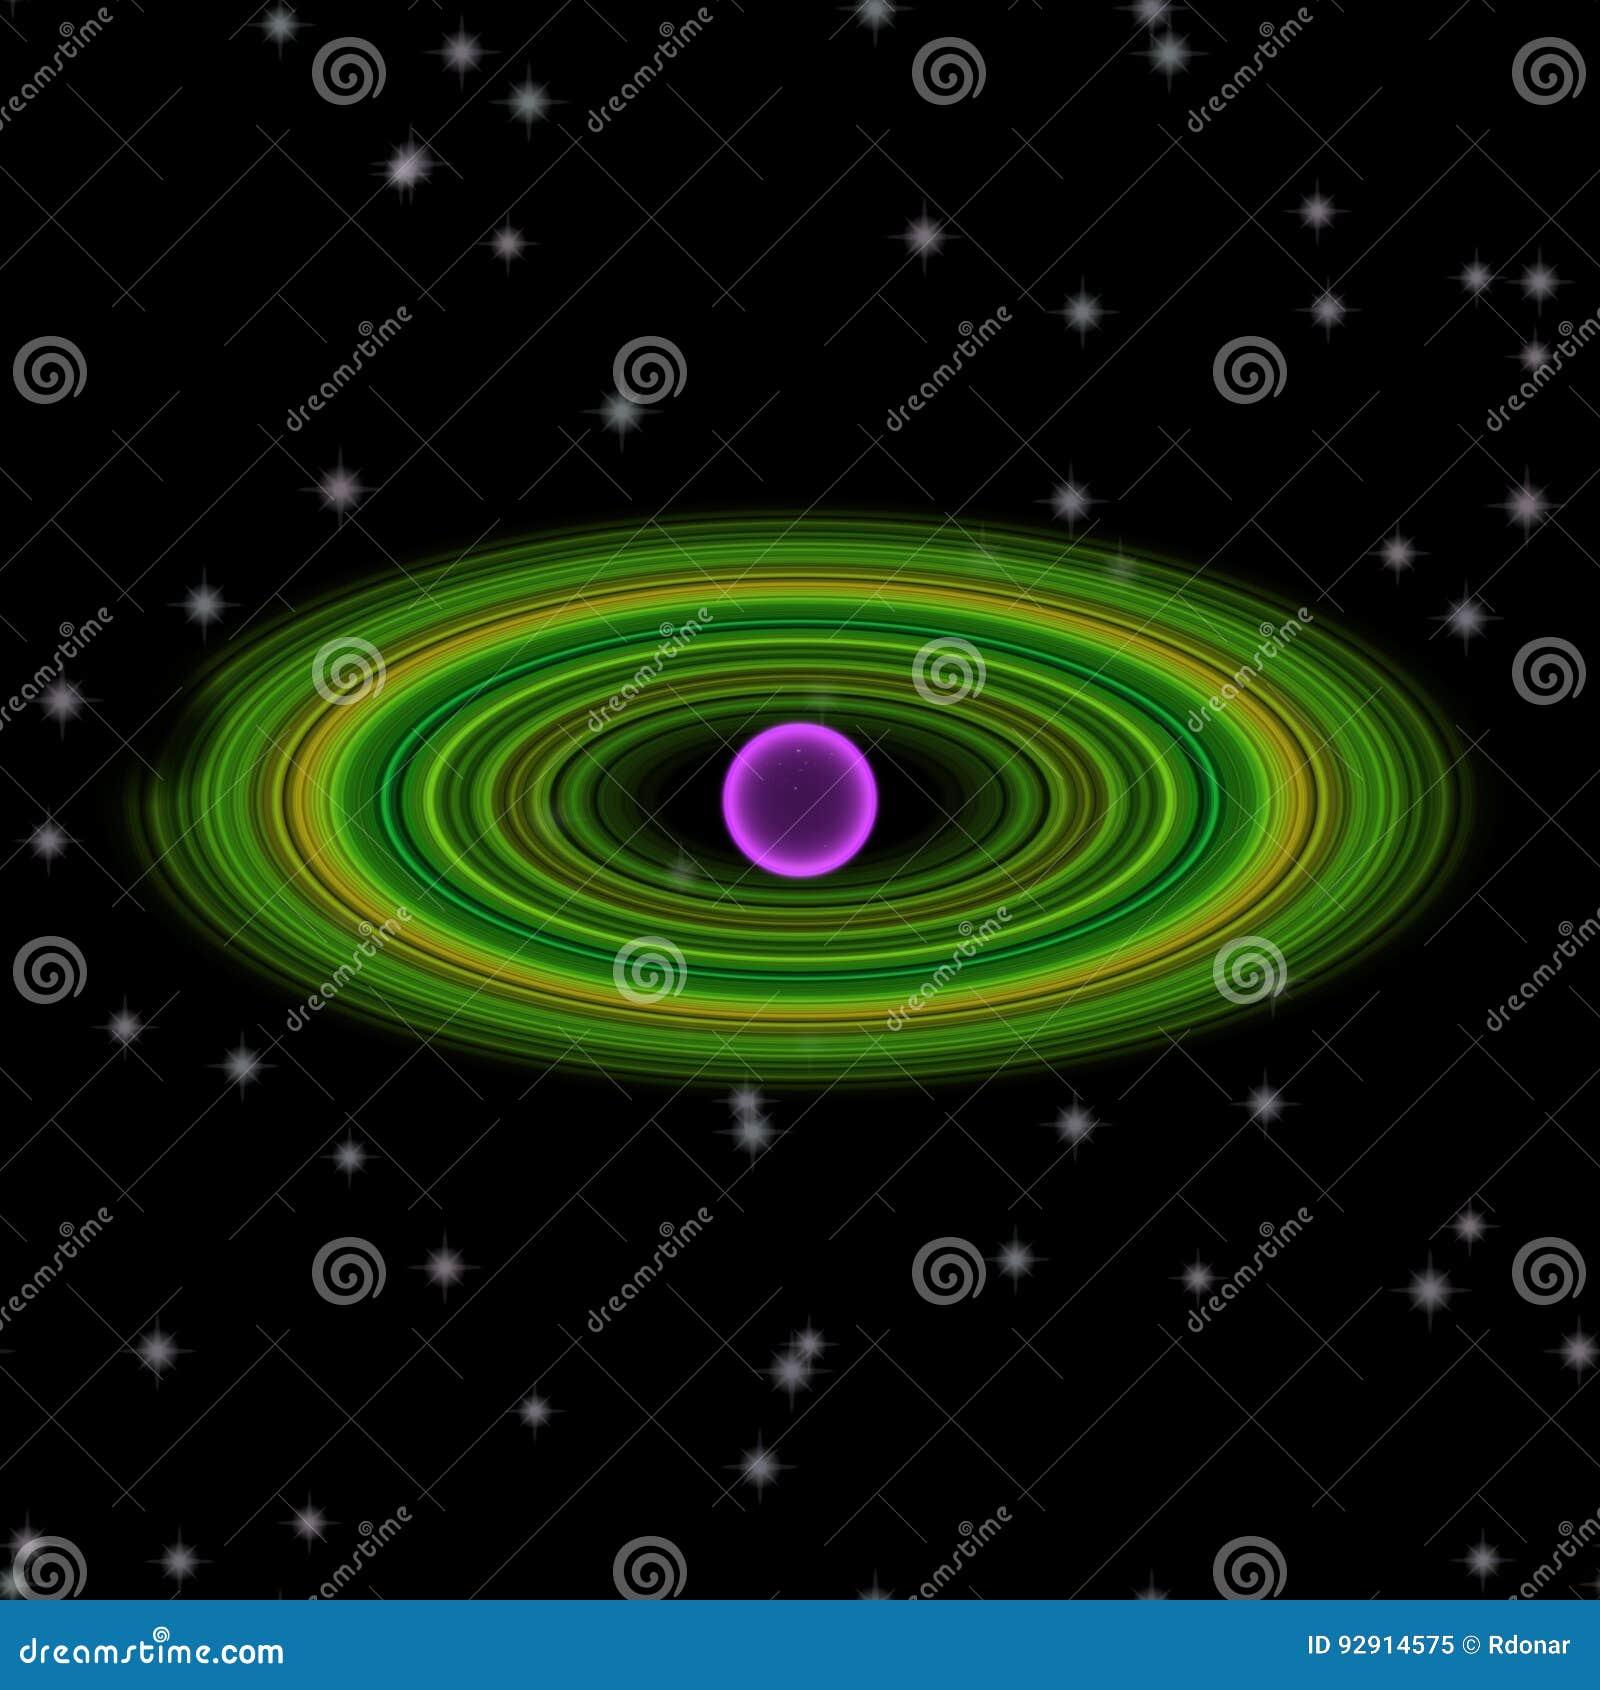 Shinningsplaneet in ver uniferse Abstracte planeet met kleurrijke ring ergens